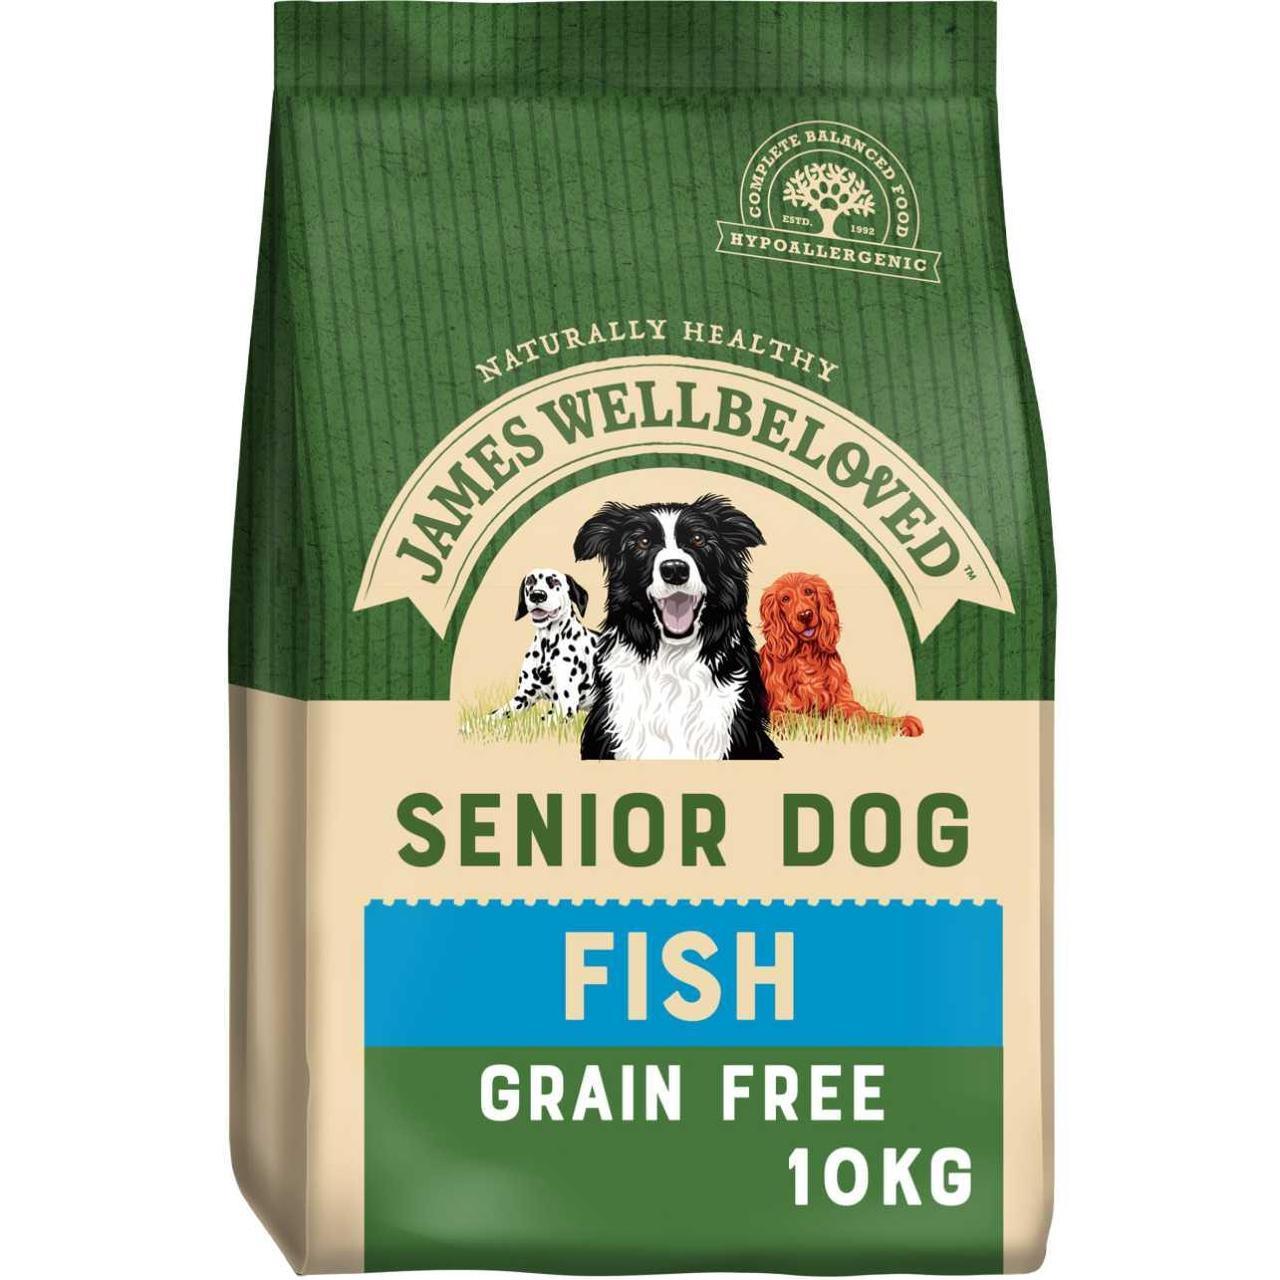 Fetch Dog Food James Wellbeloved